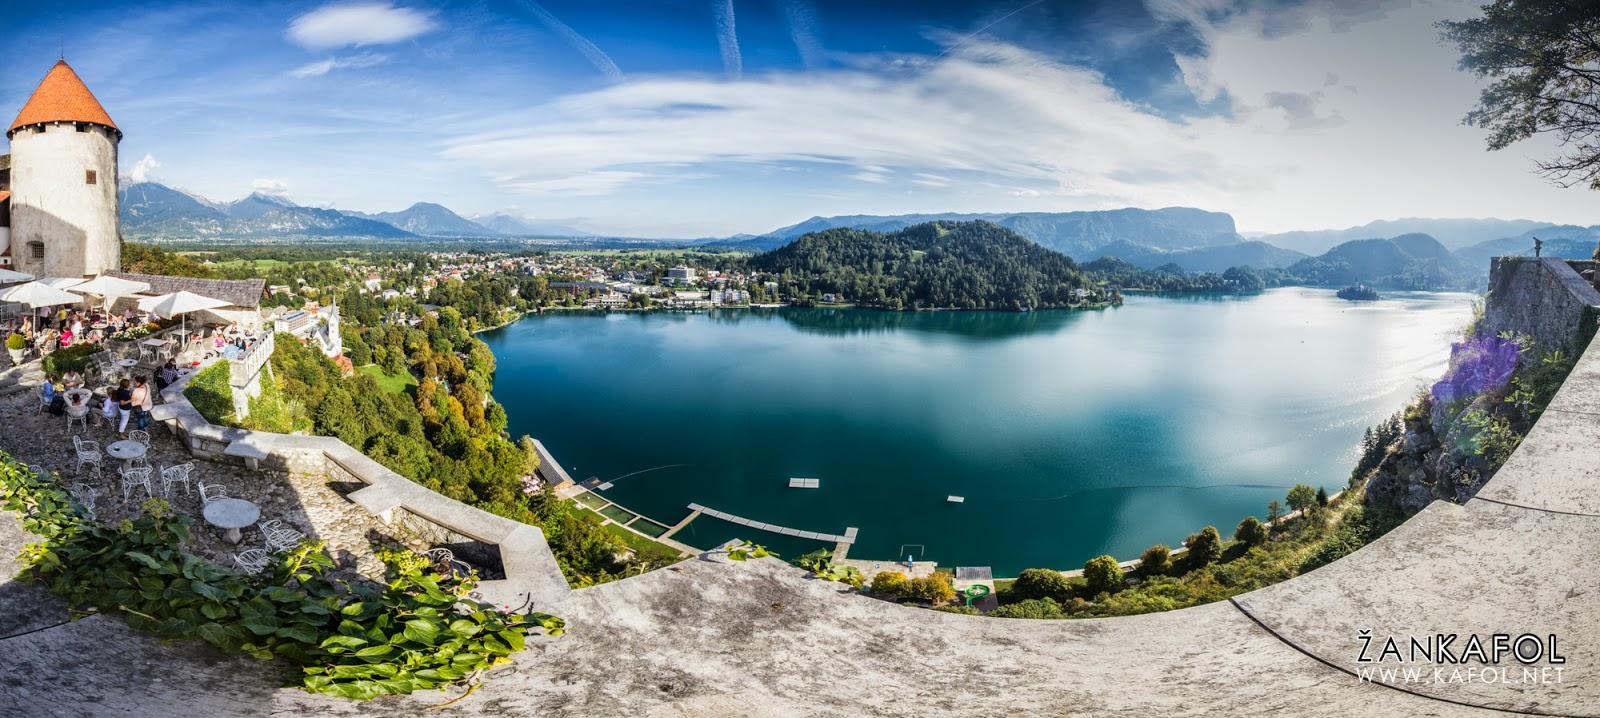 Panorama Bleda, Blejskega jezera in gradu